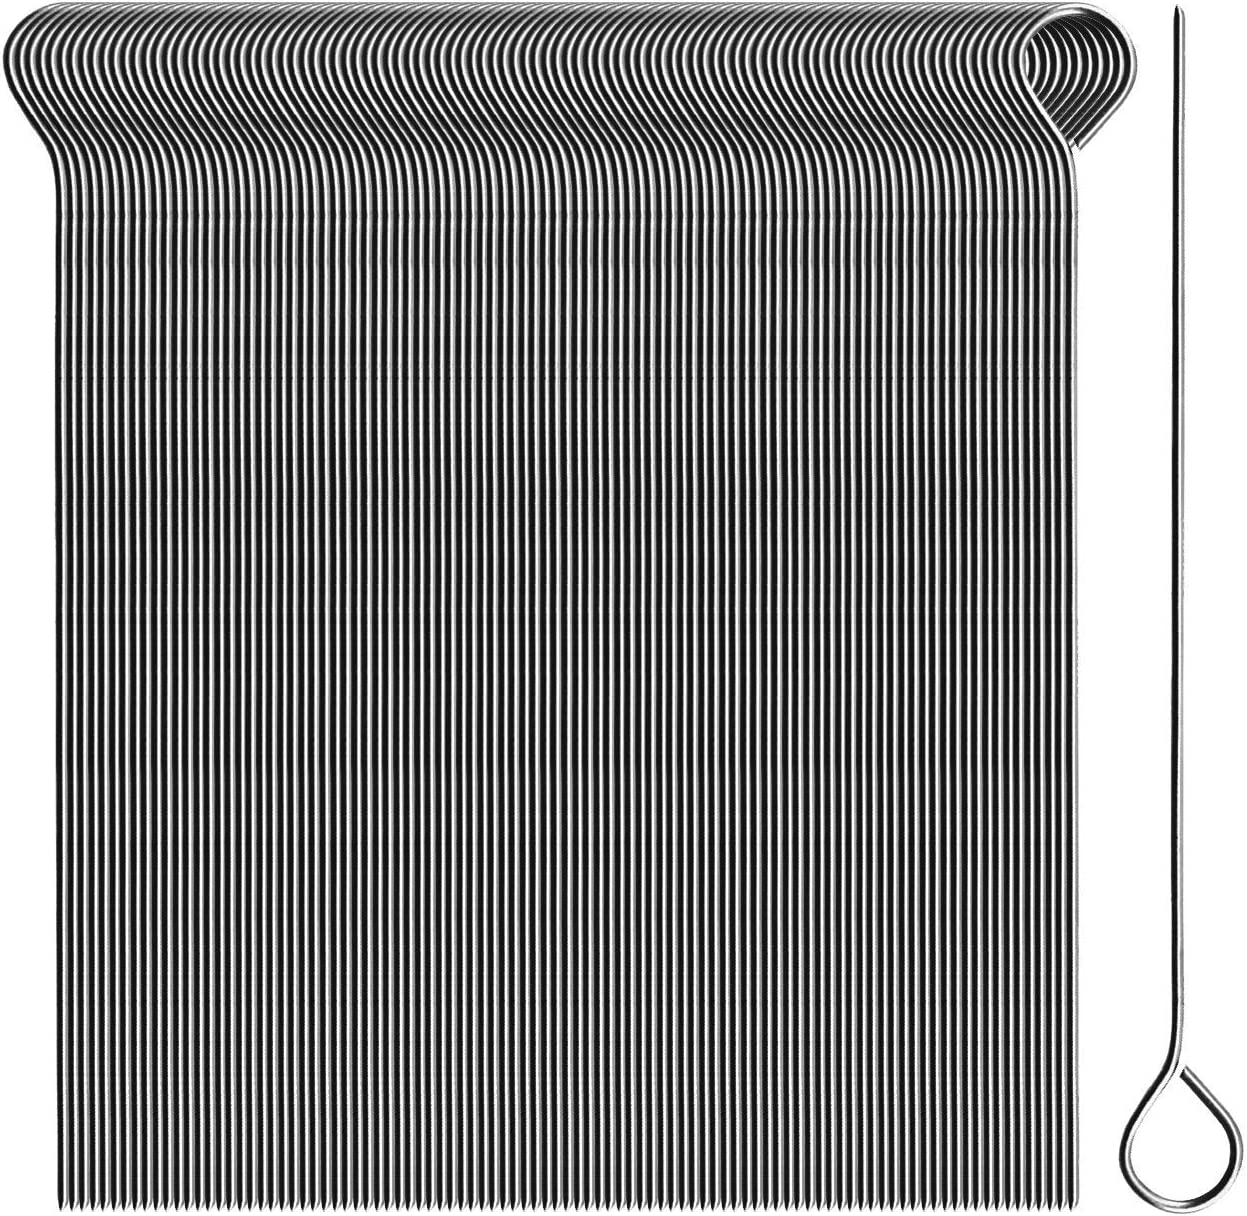 100 pezzi - ago Spiedini premium in un set Spiedini lunghi 11 cm com-four/® 100x Aghi per involtini in acciaio inossidabile